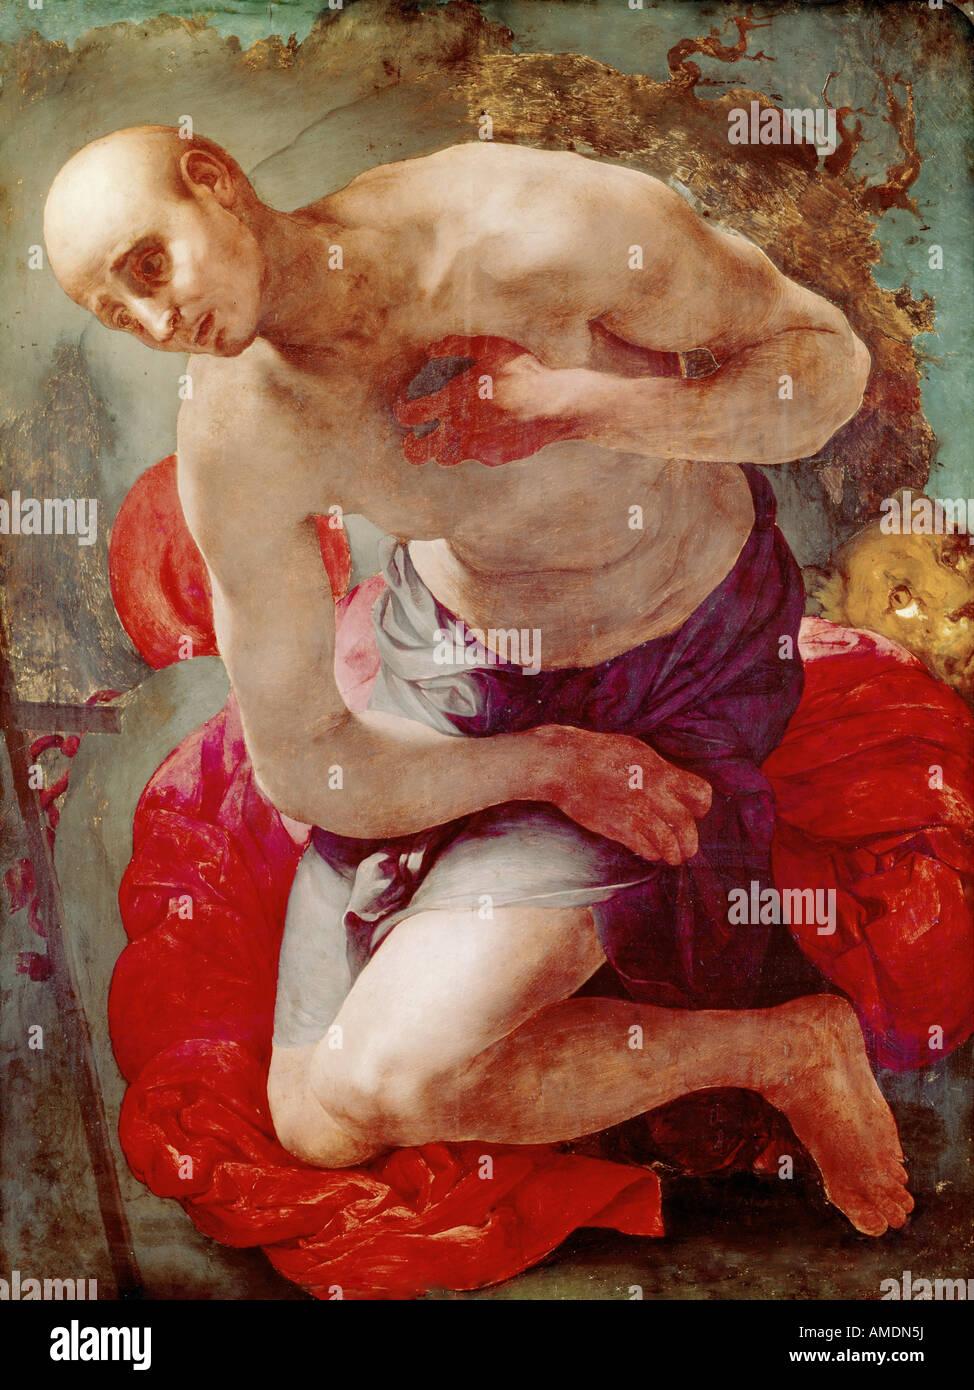 Beaux-arts, Pontormo, Jacopo, (25.5.1494 - 2.1.1557), peinture, 'Saint Jérôme comme pénitent', Photo Stock